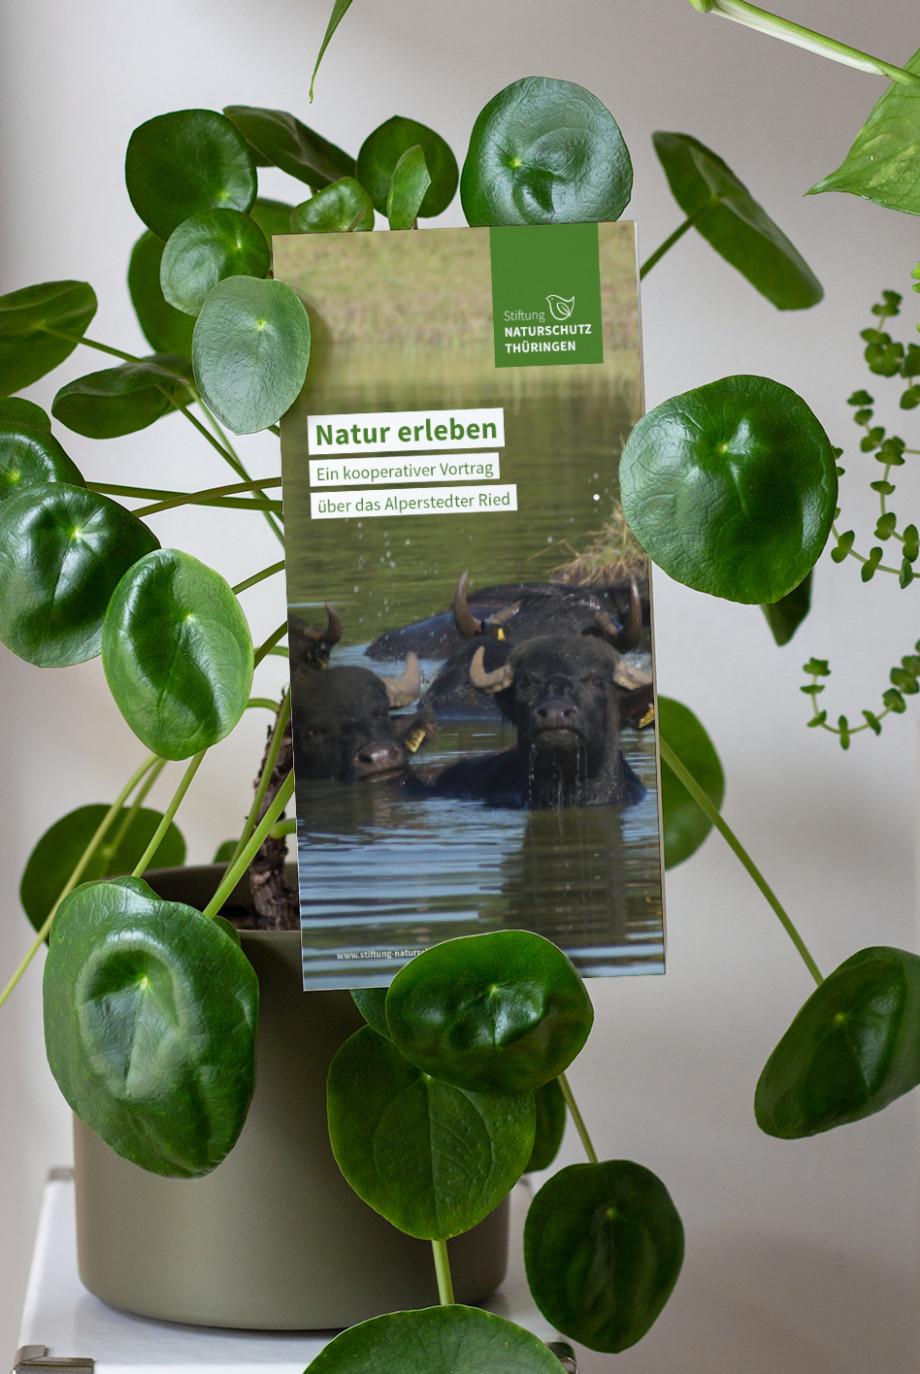 In einer Ufopflanze hängt ein Flyer. Auf dem Flyer sind badende Büffel zu sehen.